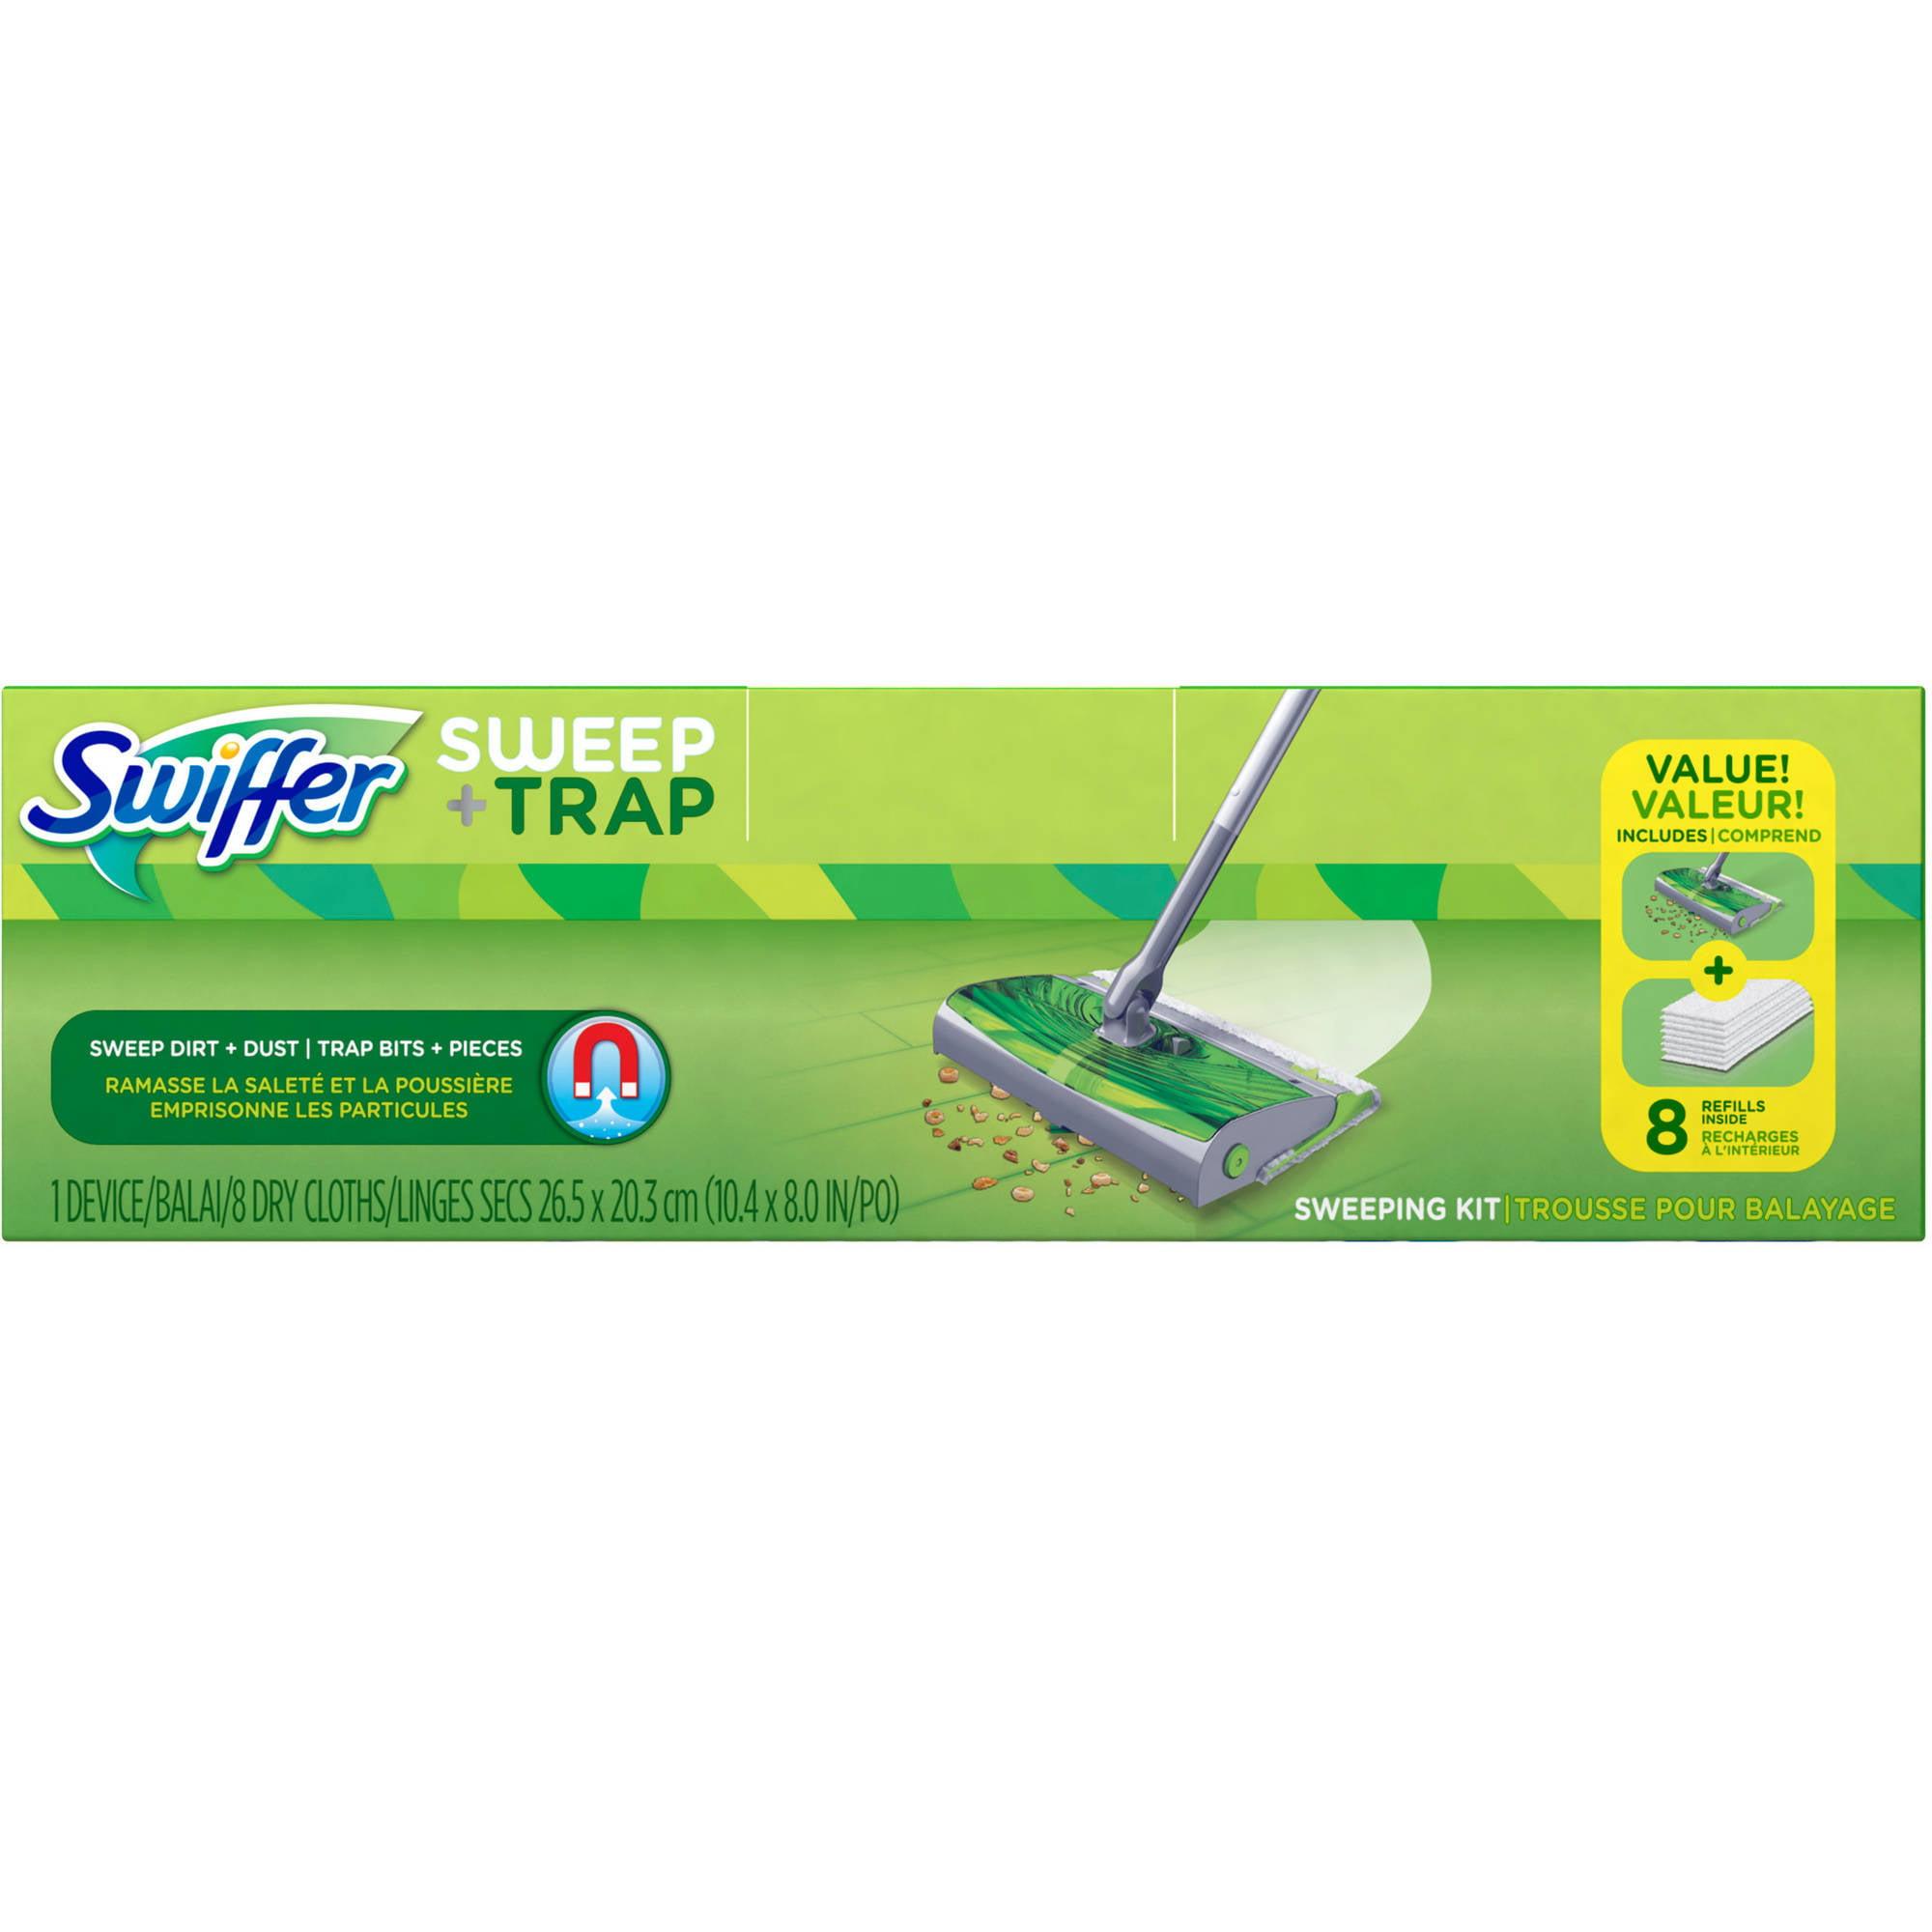 Swiffer Sweep+Trap Floor Cleaner Starter Kit, 9 pc